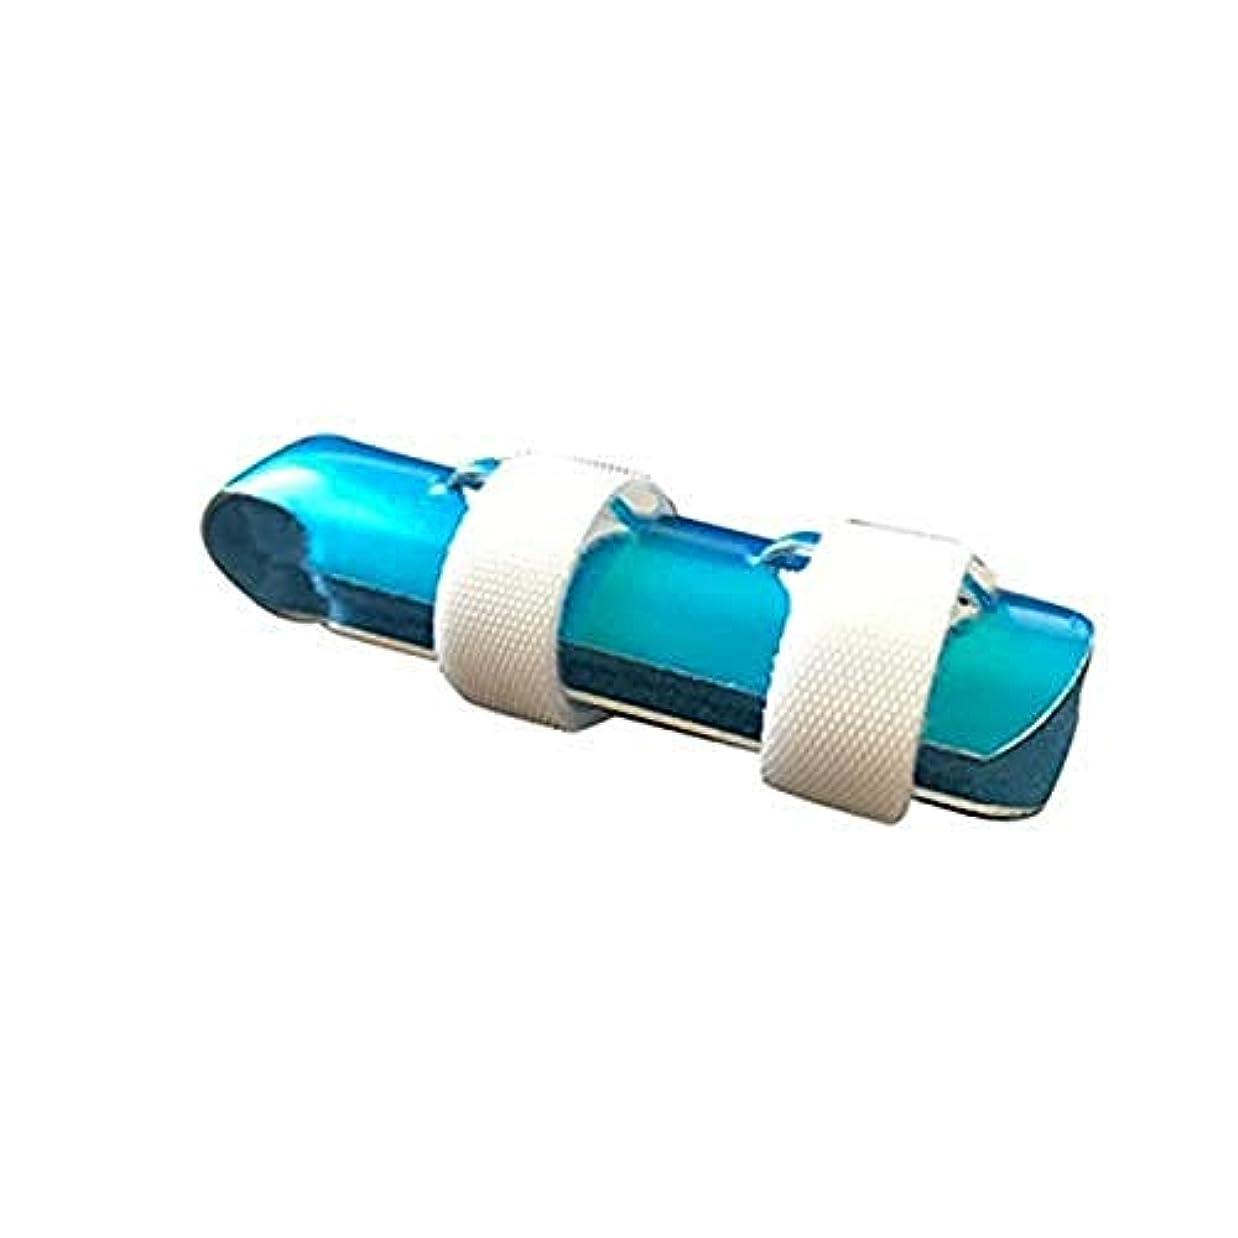 用量土地セッショントリガーフィンガースプリント、関節炎男性女性プロの指のトレーニングのためのアルミニウム指プロテクター,5cm